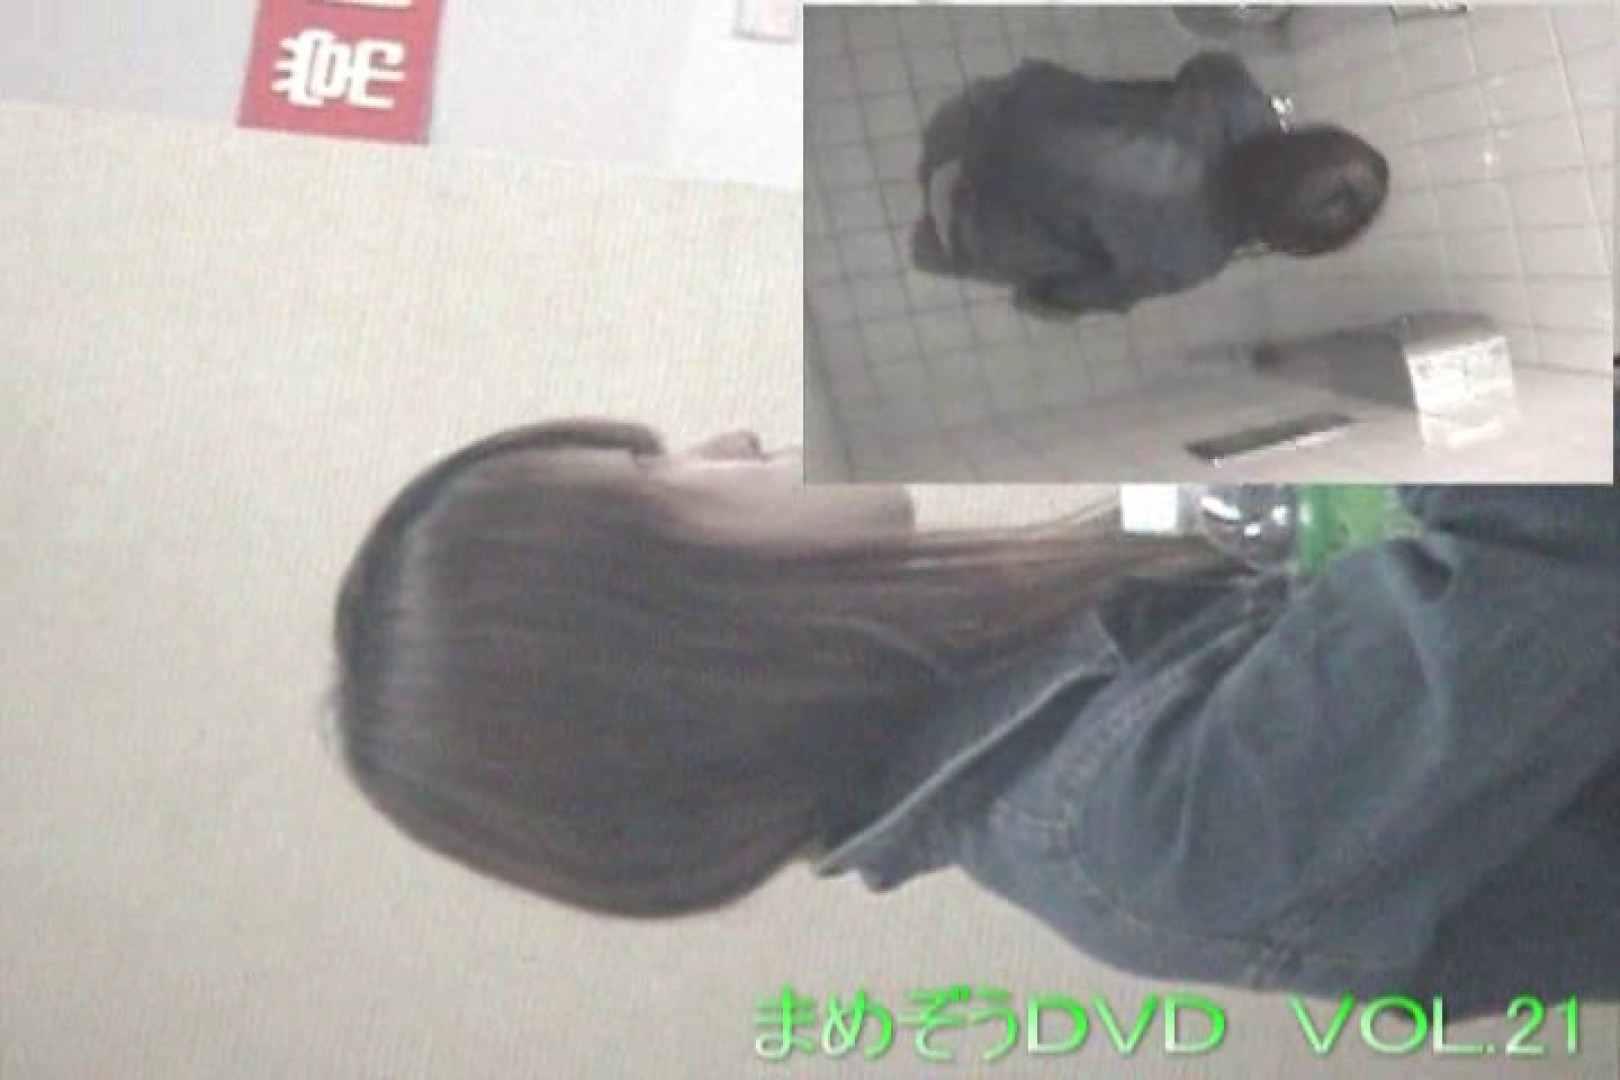 まめぞうDVD完全版VOL.21 洗面所 | ギャル攻め  91画像 87